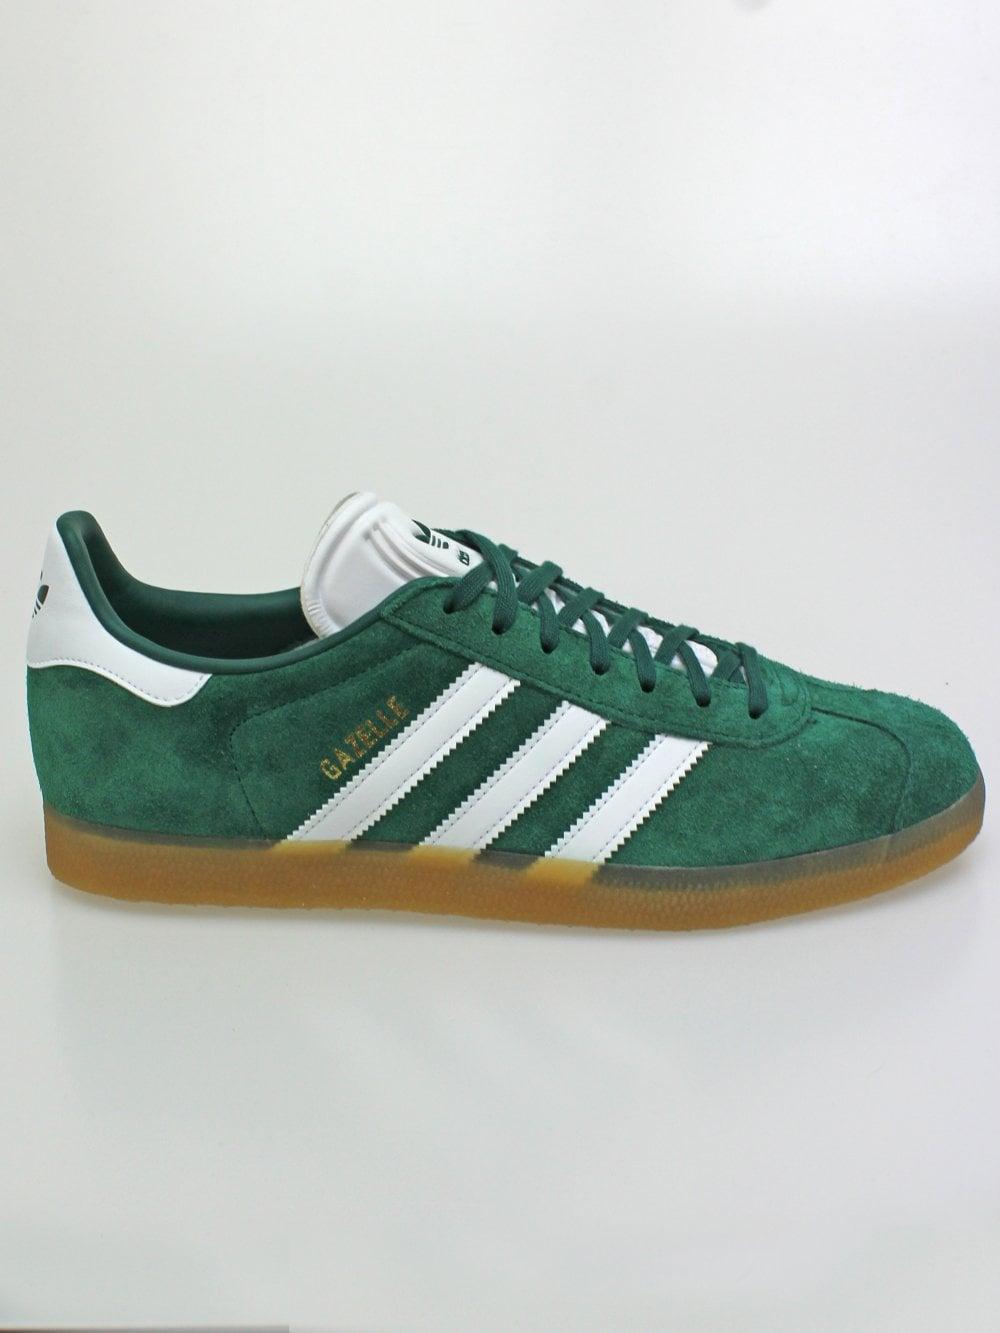 Adidas Gazelle in Green/White